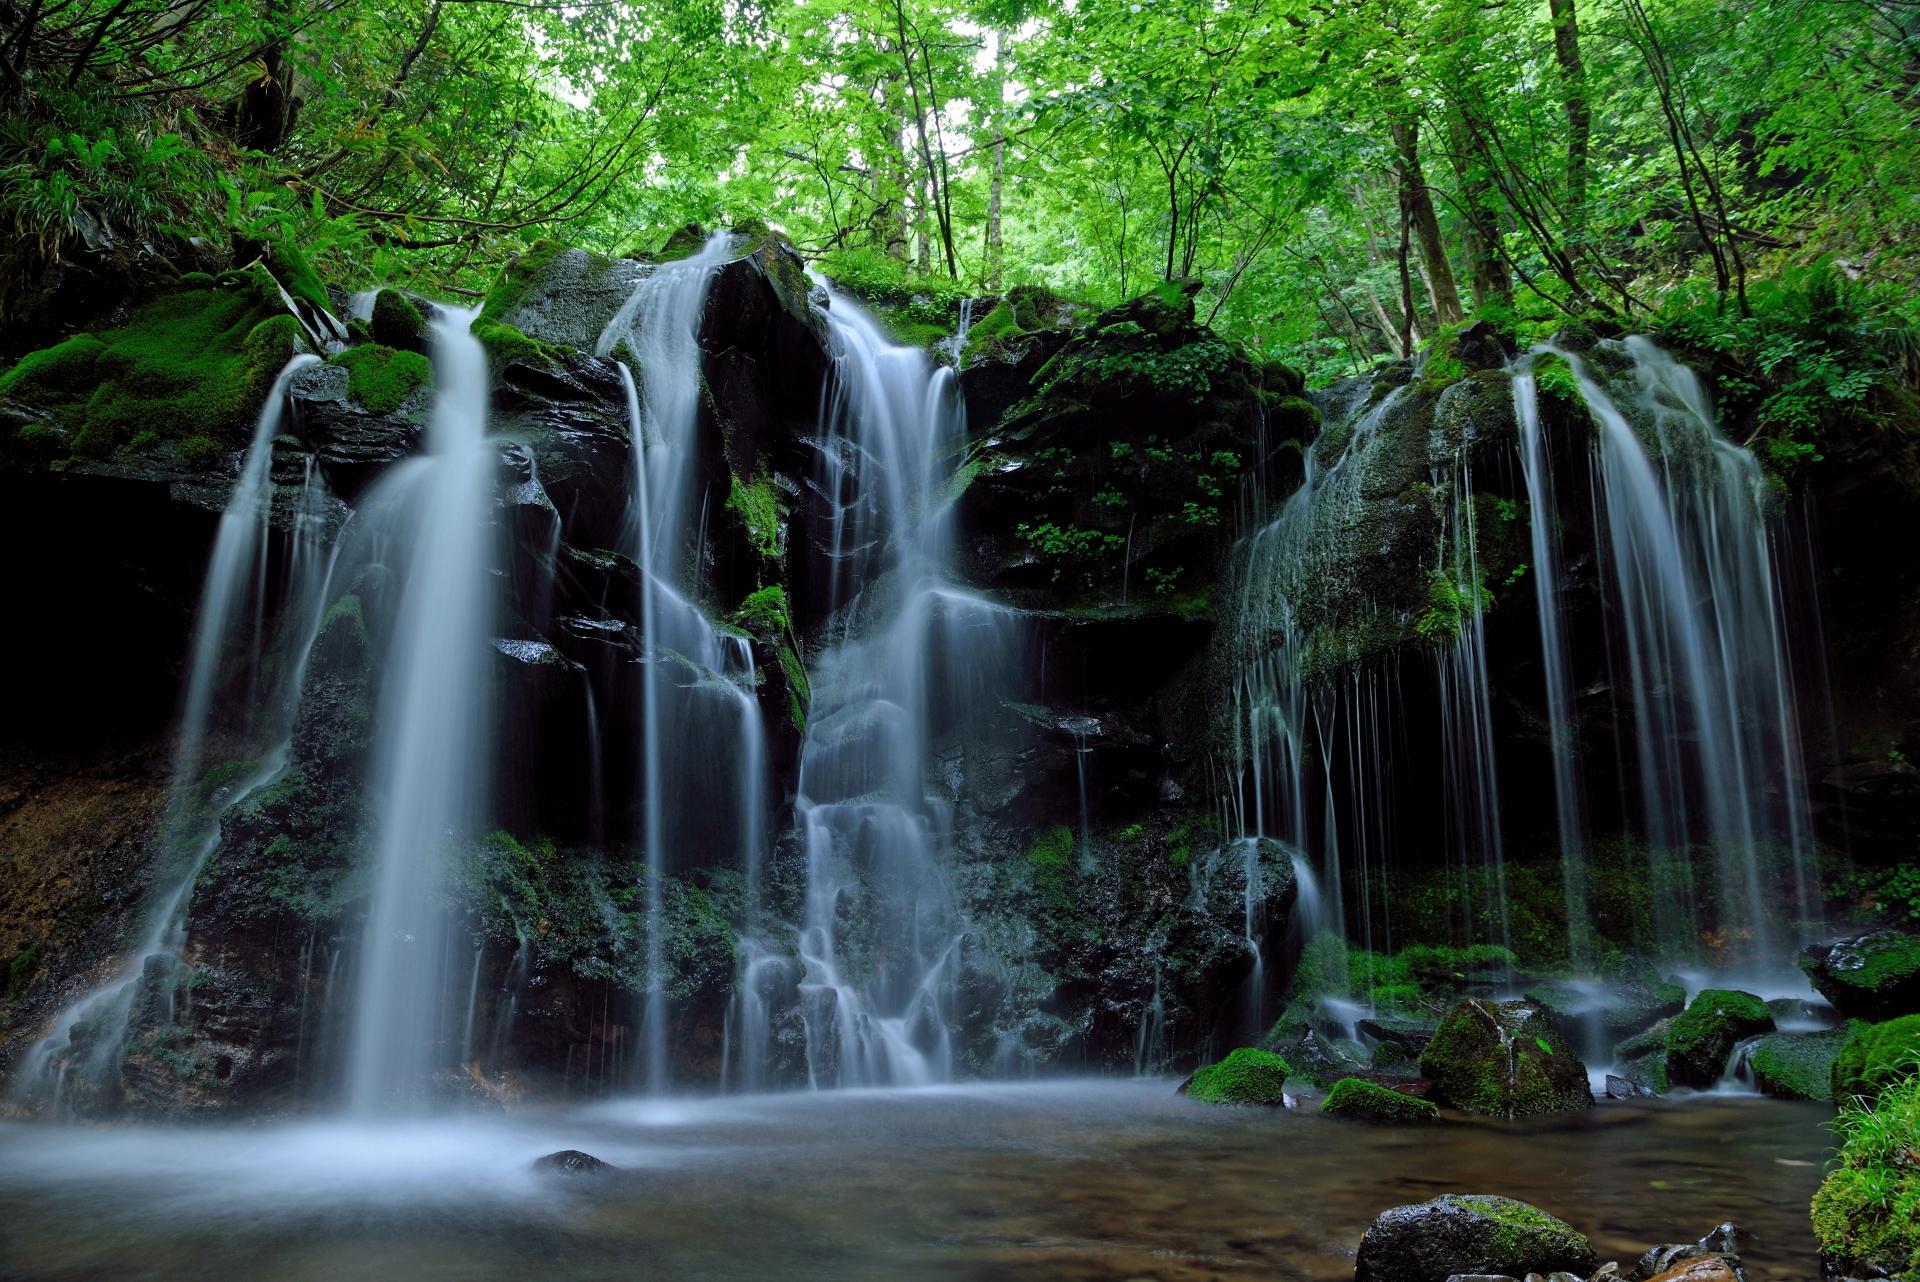 4099054_m 兵庫県 猿壺の滝(新緑の時期におすすめの秘境滝スポット!写真の紹介、アクセス情報など)